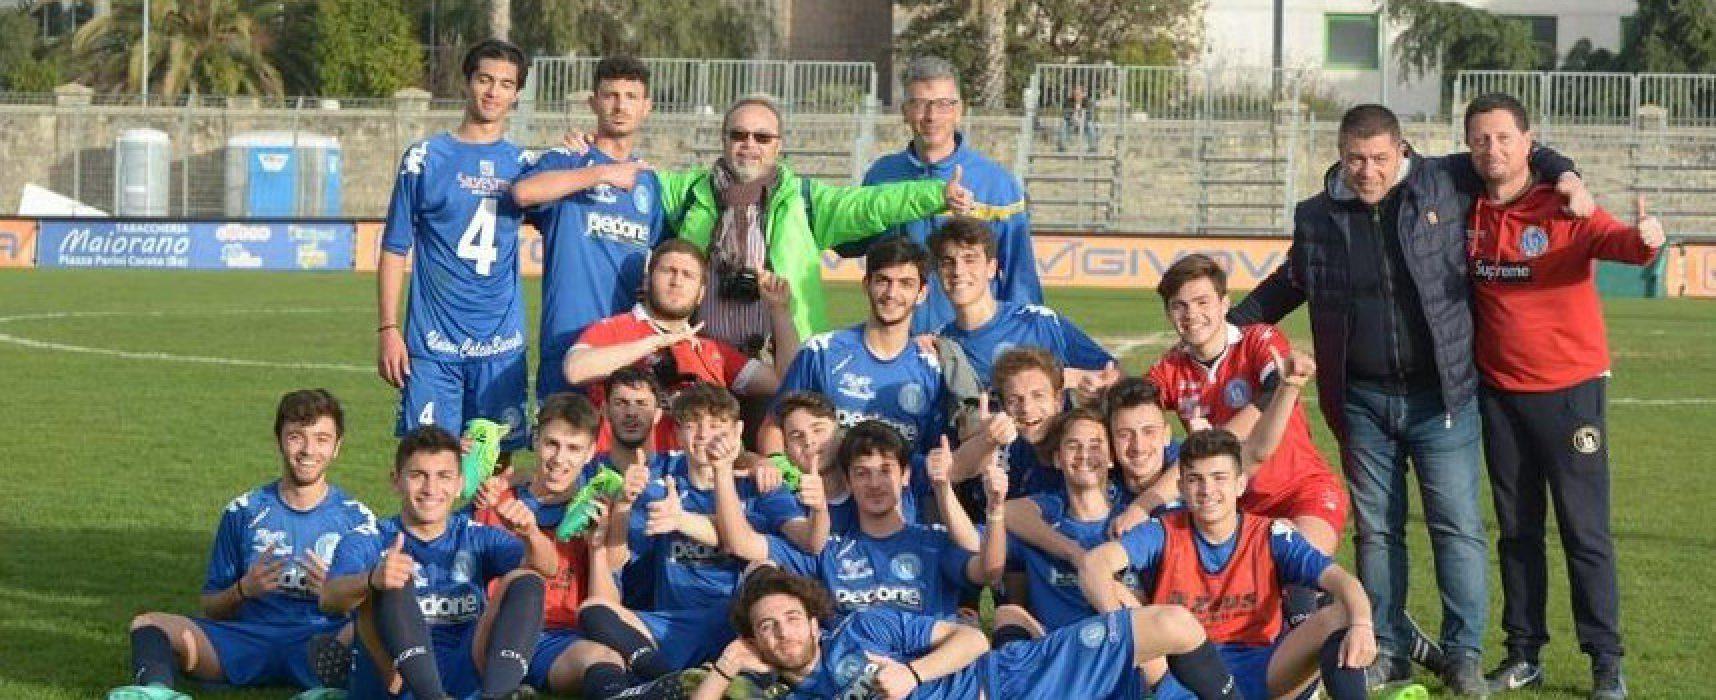 L'Unione Calcio Bisceglie concende il bis vincendo il campionato Juniores